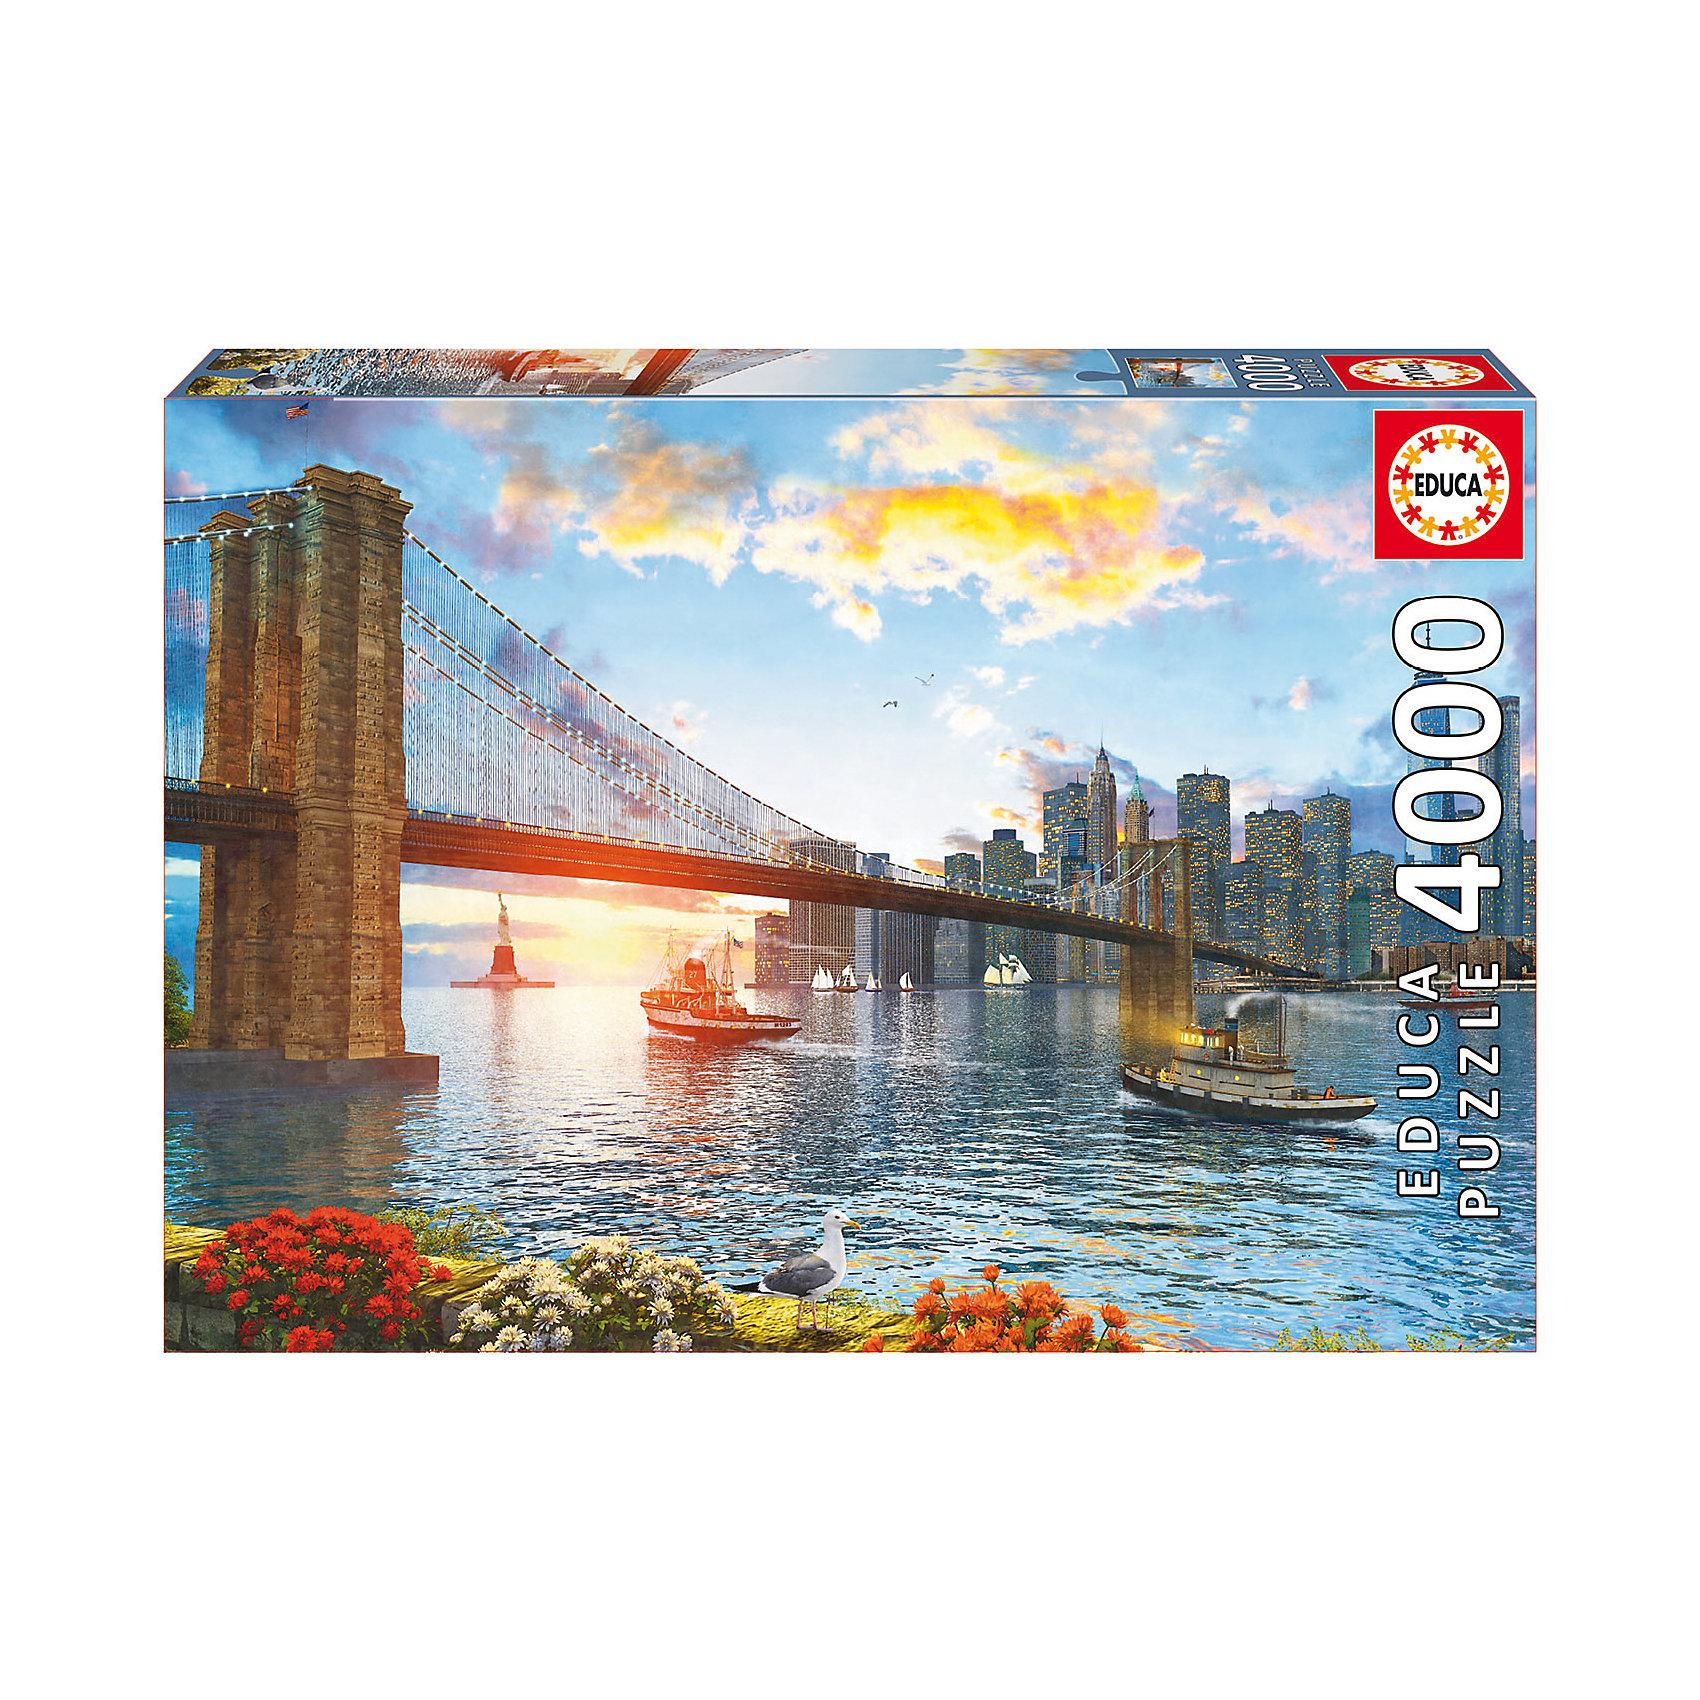 Пазл Бруклинский мост, 4000 деталей, EducaПазлы для детей постарше<br>Характеристики товара:<br><br>• возраст: от 3 лет;<br>• материал: картон;<br>• в комплекте: 4000 деталей;<br>• размер собранного пазла: 136х96 см;<br>• размер упаковки: 47х32х9 см;<br>• вес упаковки: 2,33 кг;<br>• страна производитель: Испания.<br><br>Пазл «Бруклинский мост» Educa позволит увлекательно провести дома время в компании семьи или друзей. На пазле изображен Бруклинский мост в Нью-Йорке. В процессе сборки пазла у детей развивается мелкая моторика рук, усидчивость, внимательность к деталям, логическое мышление.<br><br>Пазл «Бруклинский мост» Educa можно приобрести в нашем интернет-магазине.<br><br>Ширина мм: 460<br>Глубина мм: 320<br>Высота мм: 80<br>Вес г: 2382<br>Возраст от месяцев: 60<br>Возраст до месяцев: 2147483647<br>Пол: Унисекс<br>Возраст: Детский<br>SKU: 5478595